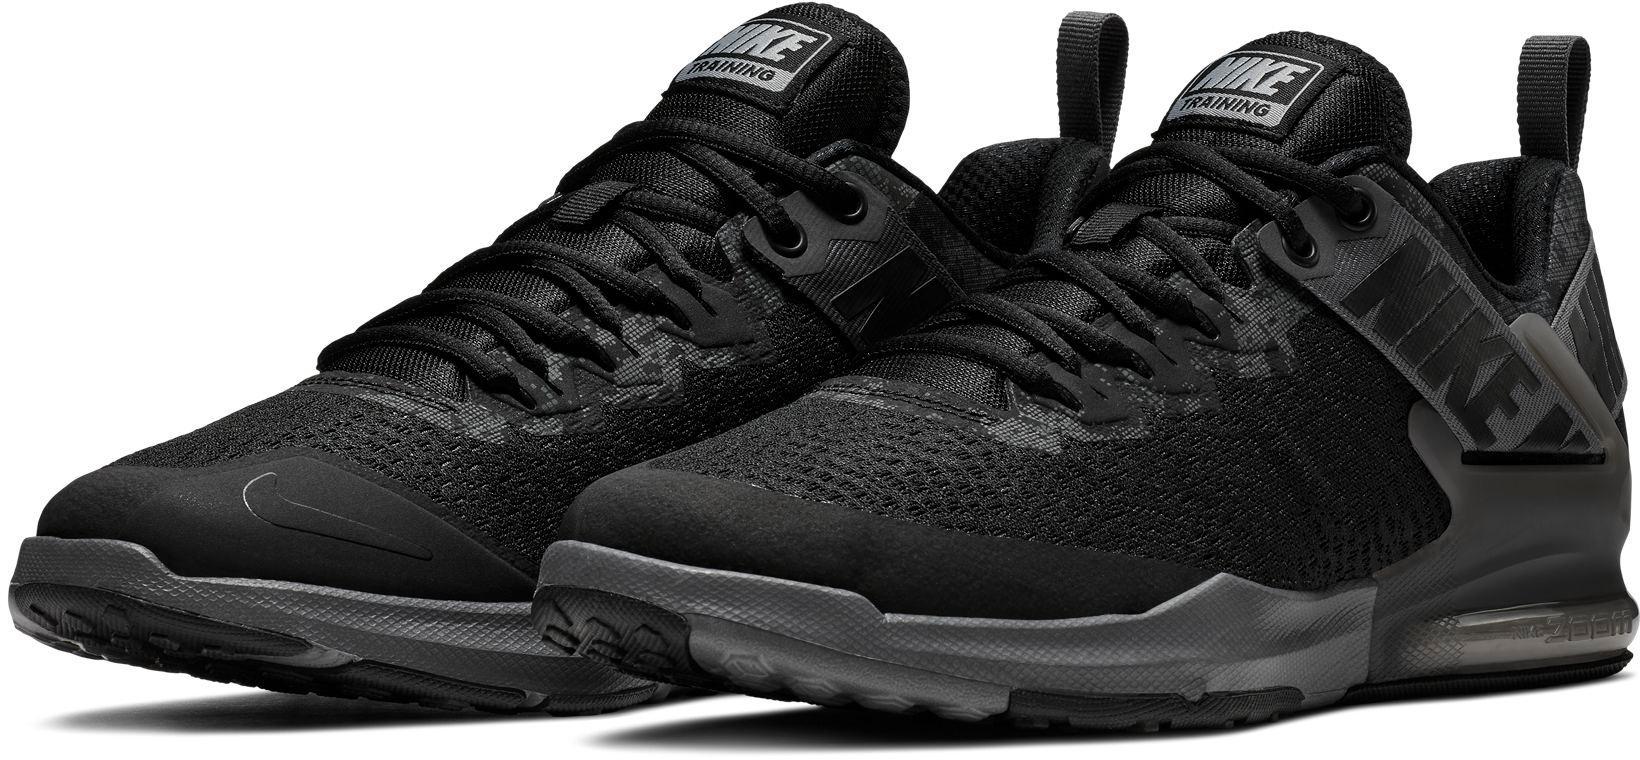 Nike Zoom Domination Fitnessschuhe Herren dk grey black anthracite mtlc cool grey im Online Shop von SportScheck kaufen